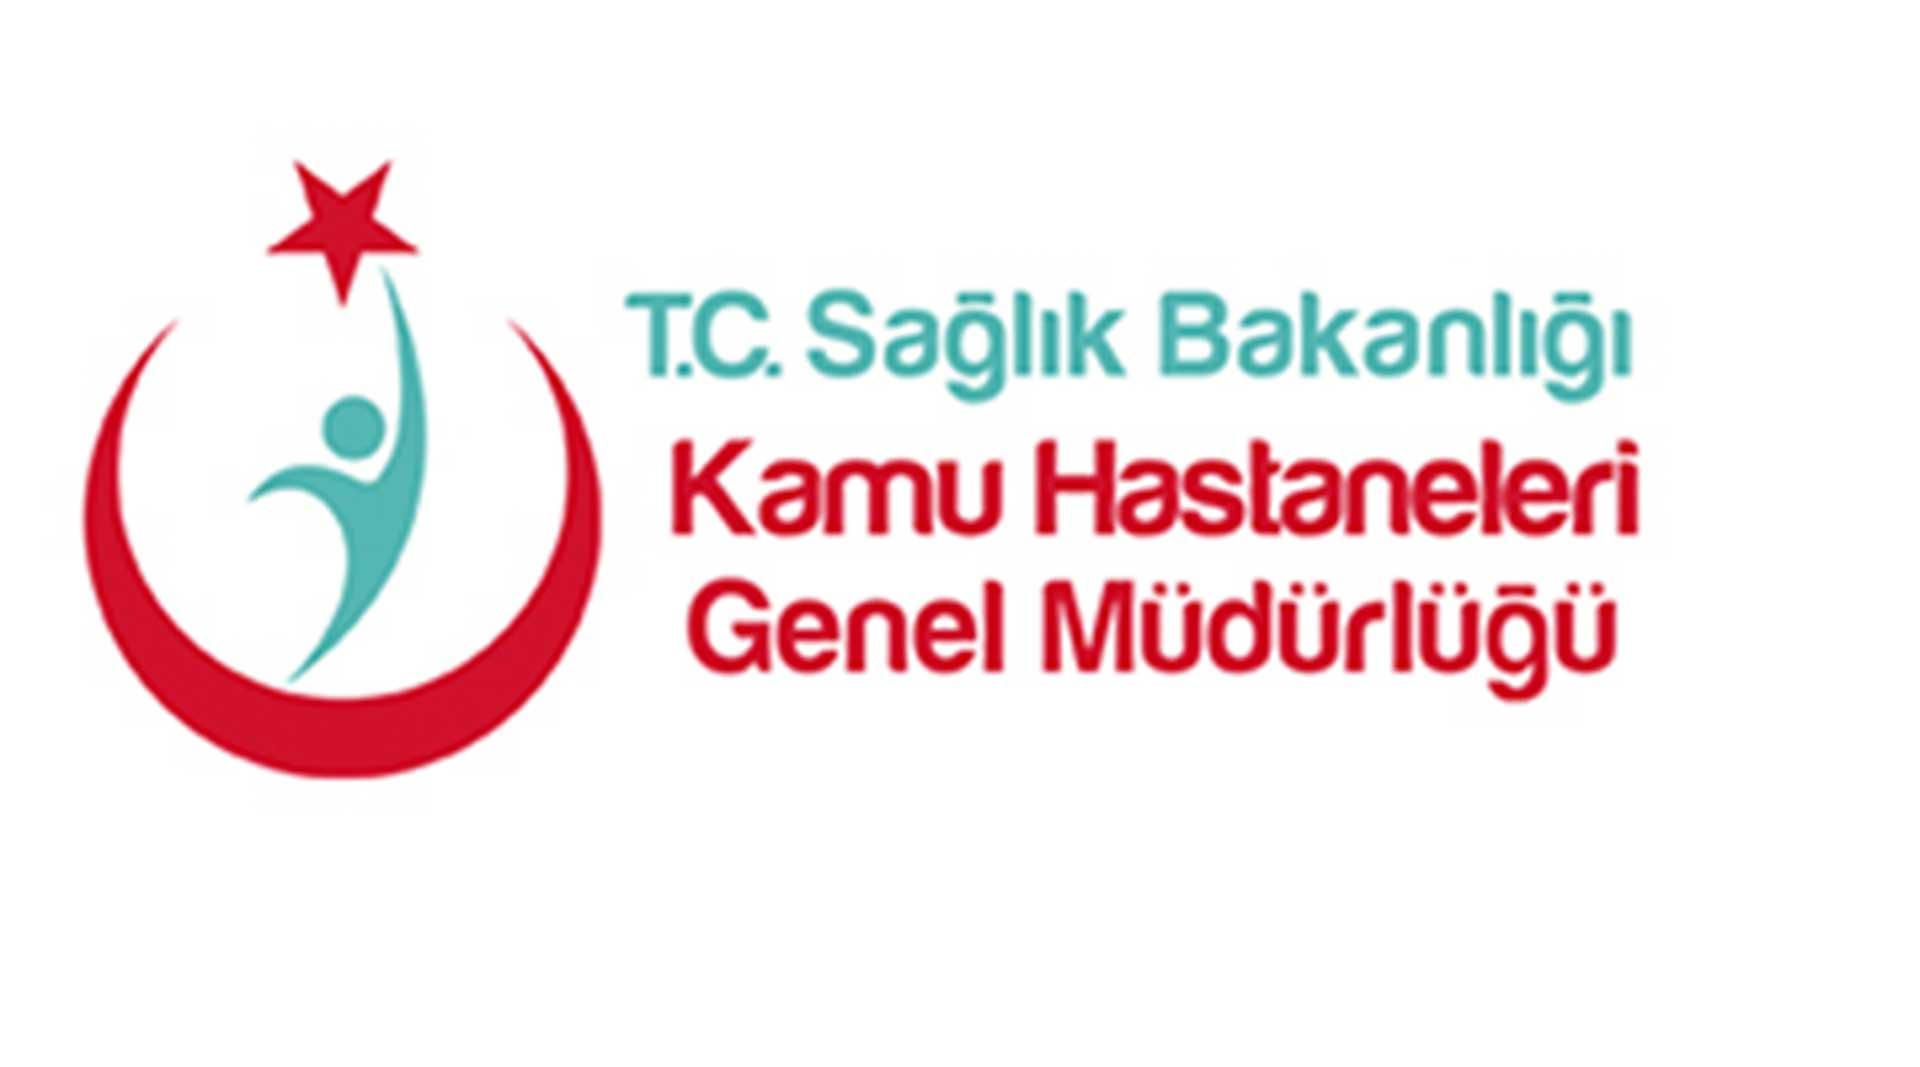 Sanayi İşbirliği Programı Kapsamındaki Tıbbi Cihazların Teminine Yönelik İzin